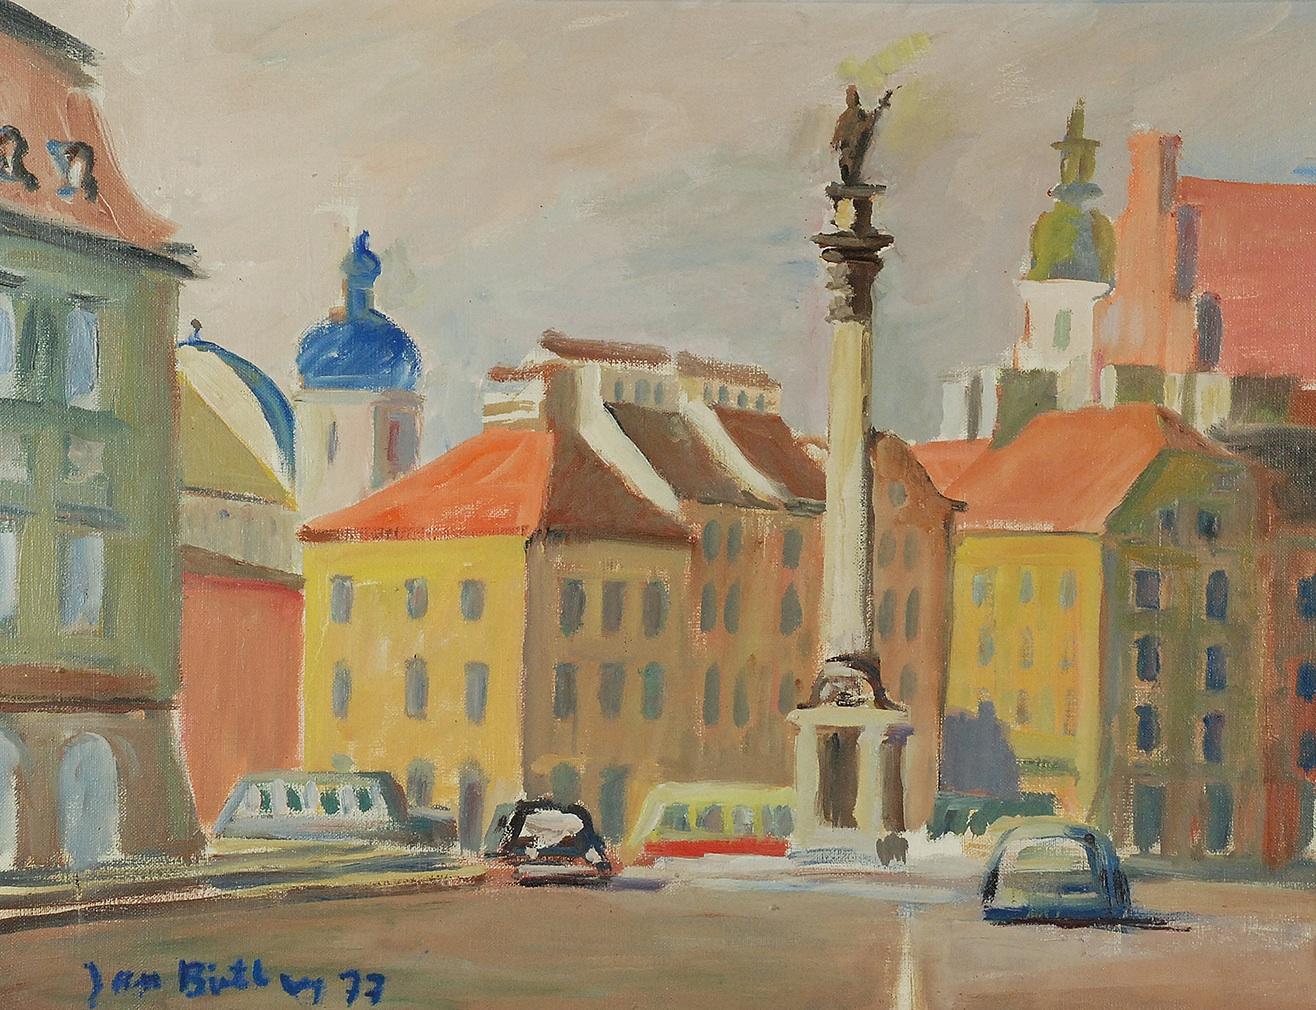 Kolumna Zygmunta, 1977